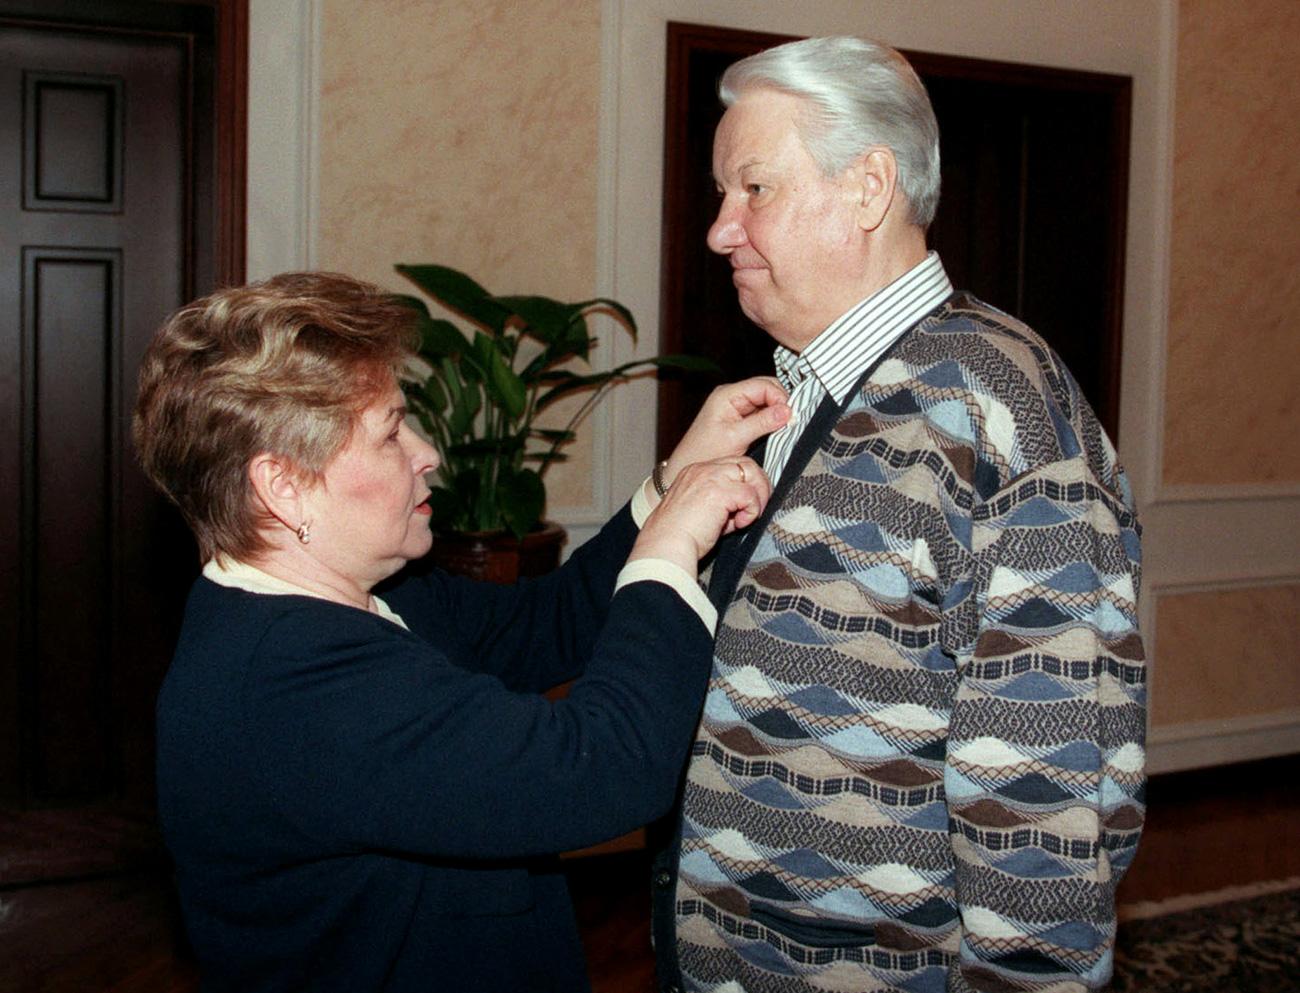 Naina Yeltsina adjusts a shirt of her husband (1998). Source: Reuters